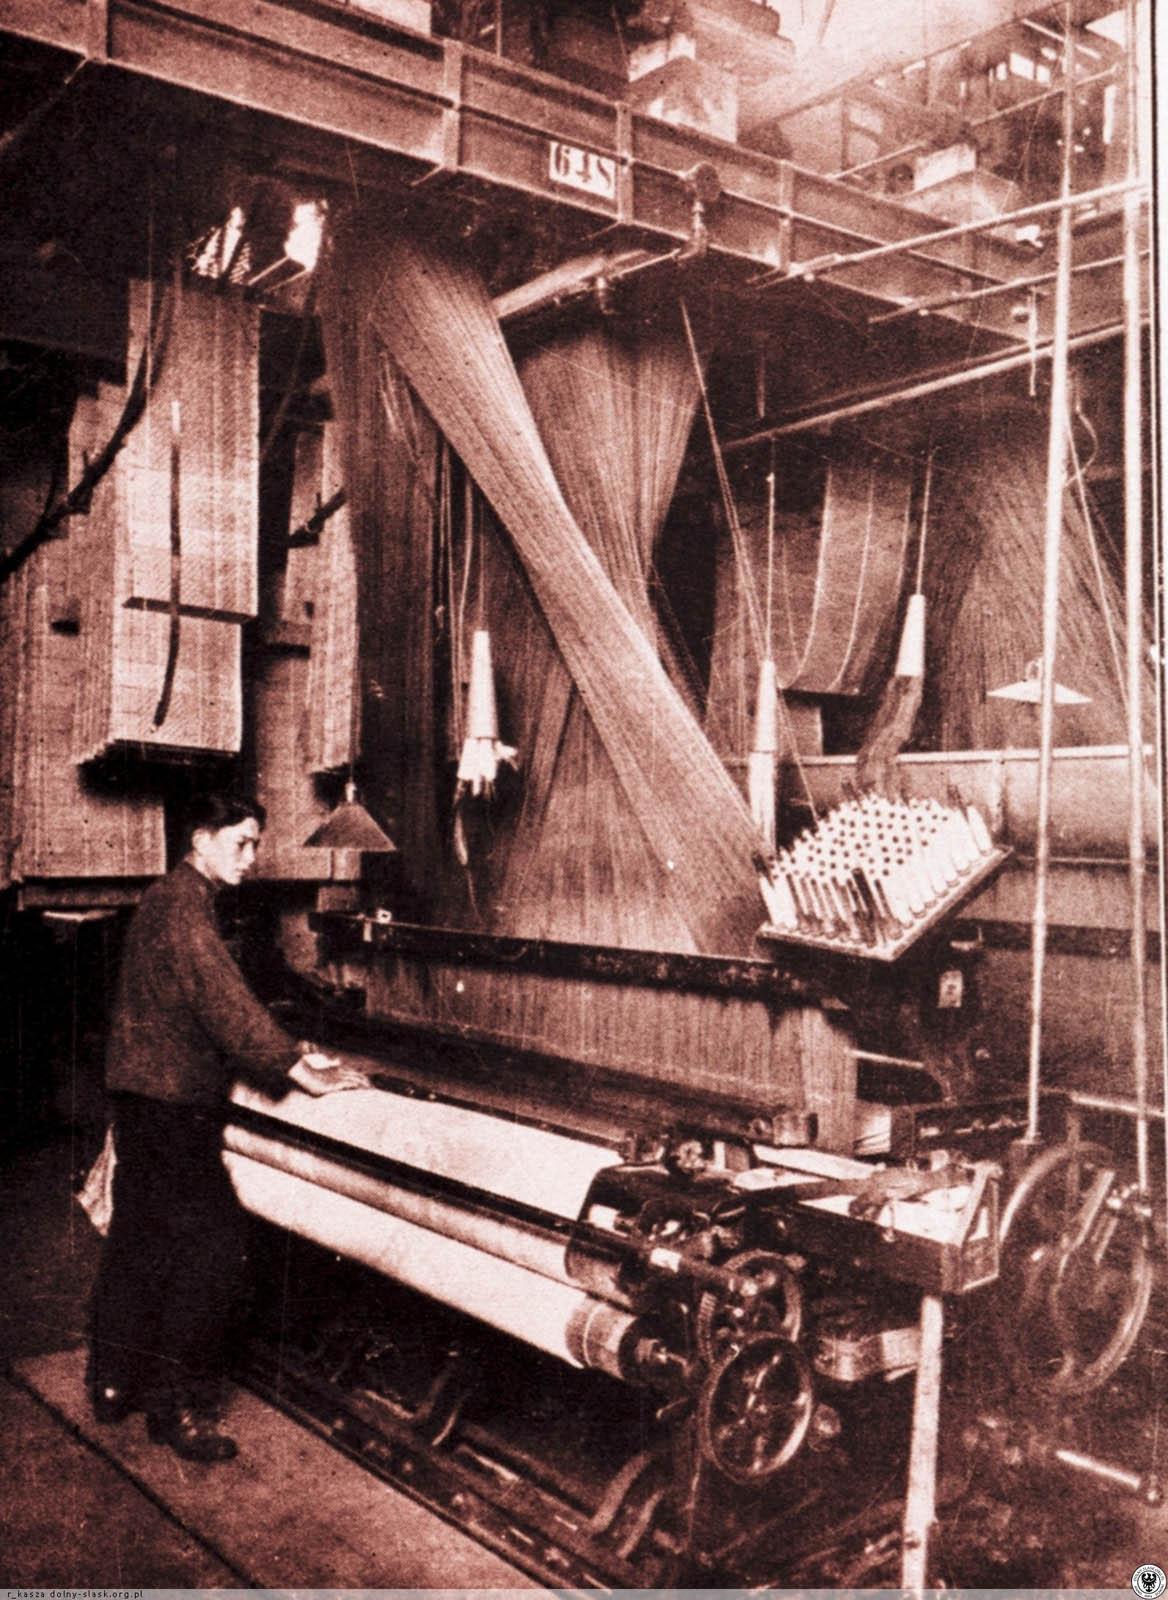 Frotex factory 1926. polska org.pl